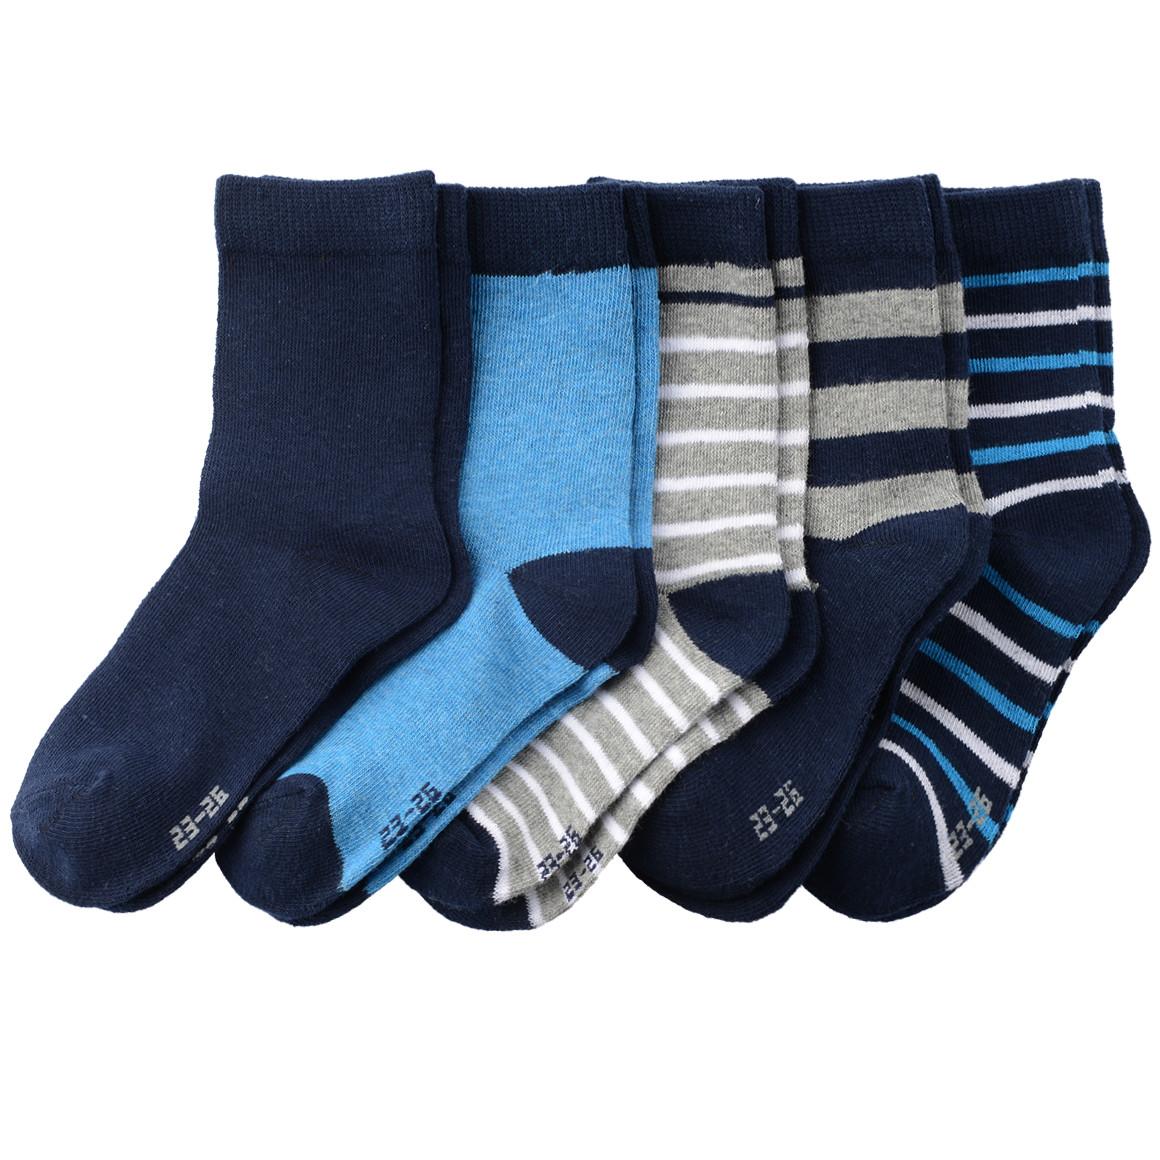 5 Paar Jungen Socken in verschiedenen Designs